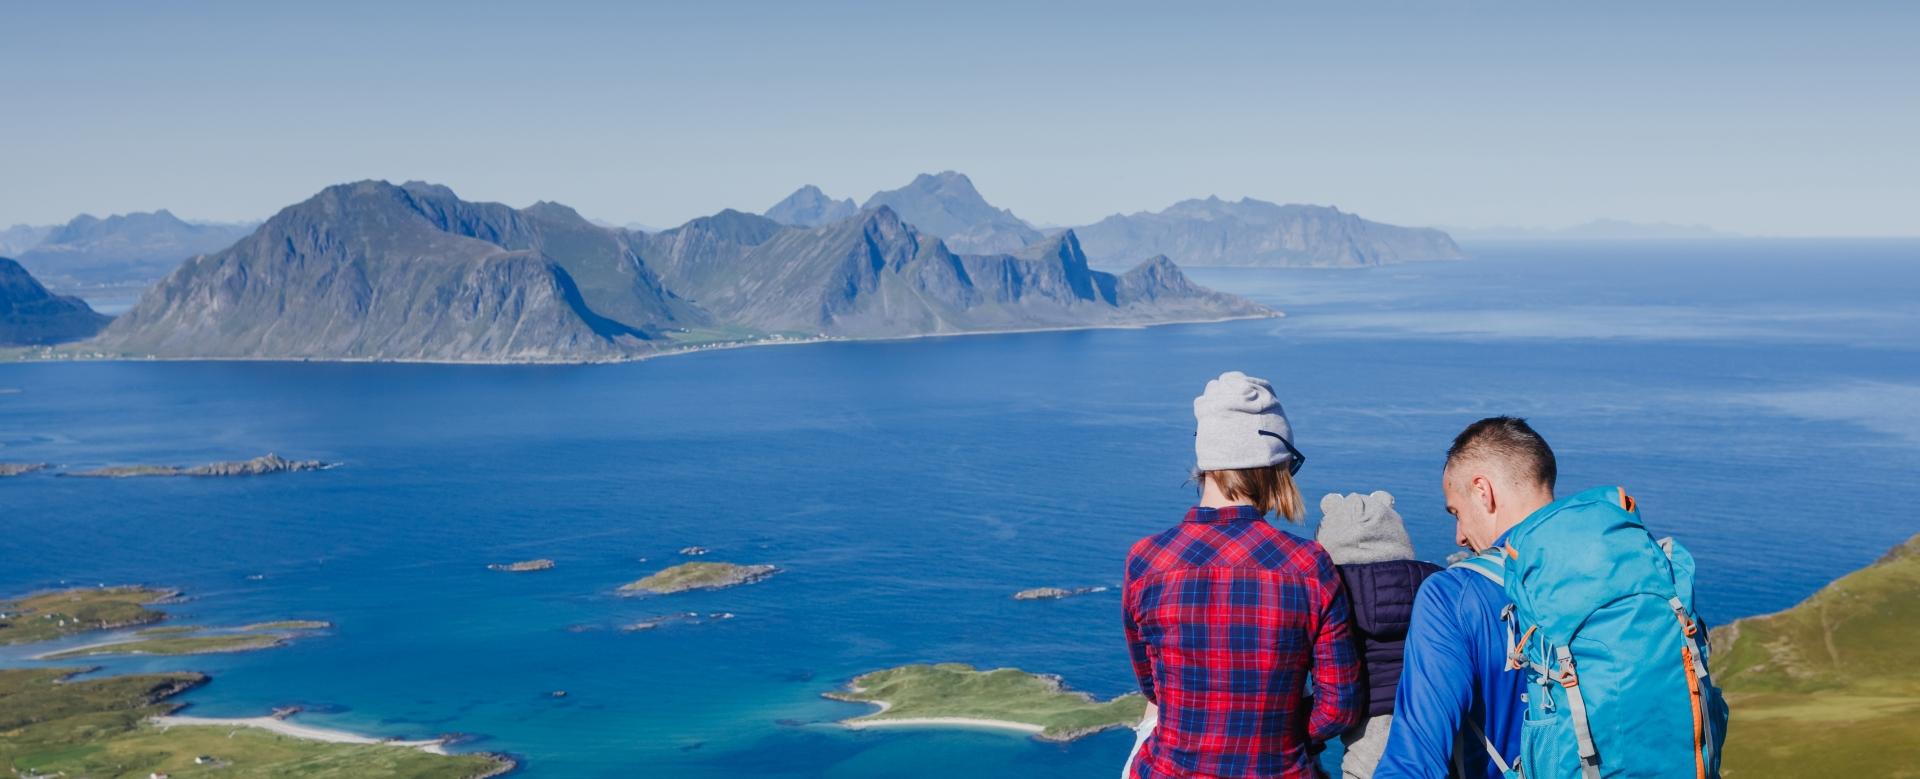 Voyage sur l'eau : Petits vikings aux îles lofoten